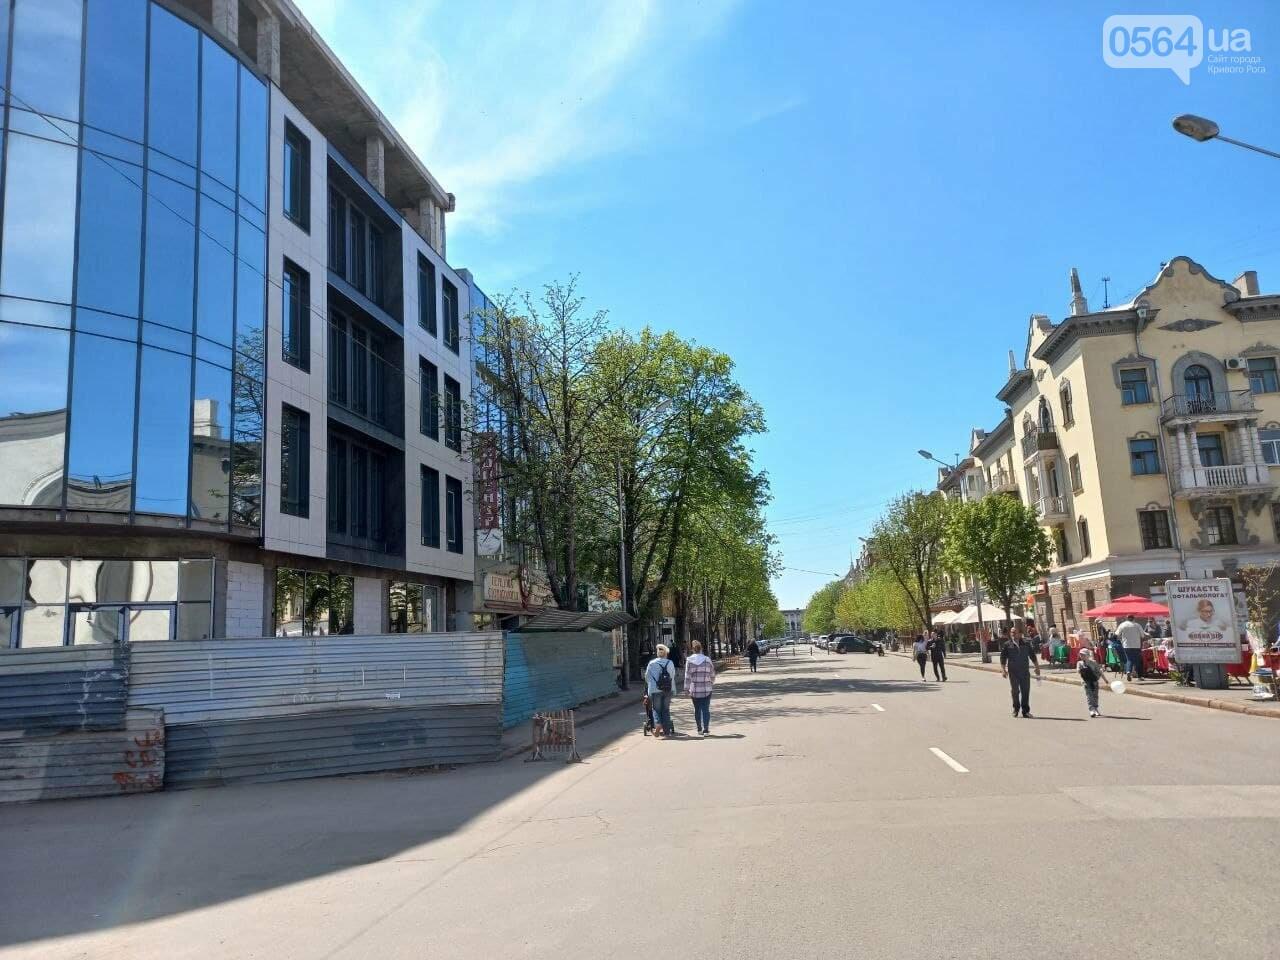 """Новый """"гранд-отель""""  в Кривом Роге попытались гармонизировать с пространством исторического проспекта, - ФОТО, фото-7"""